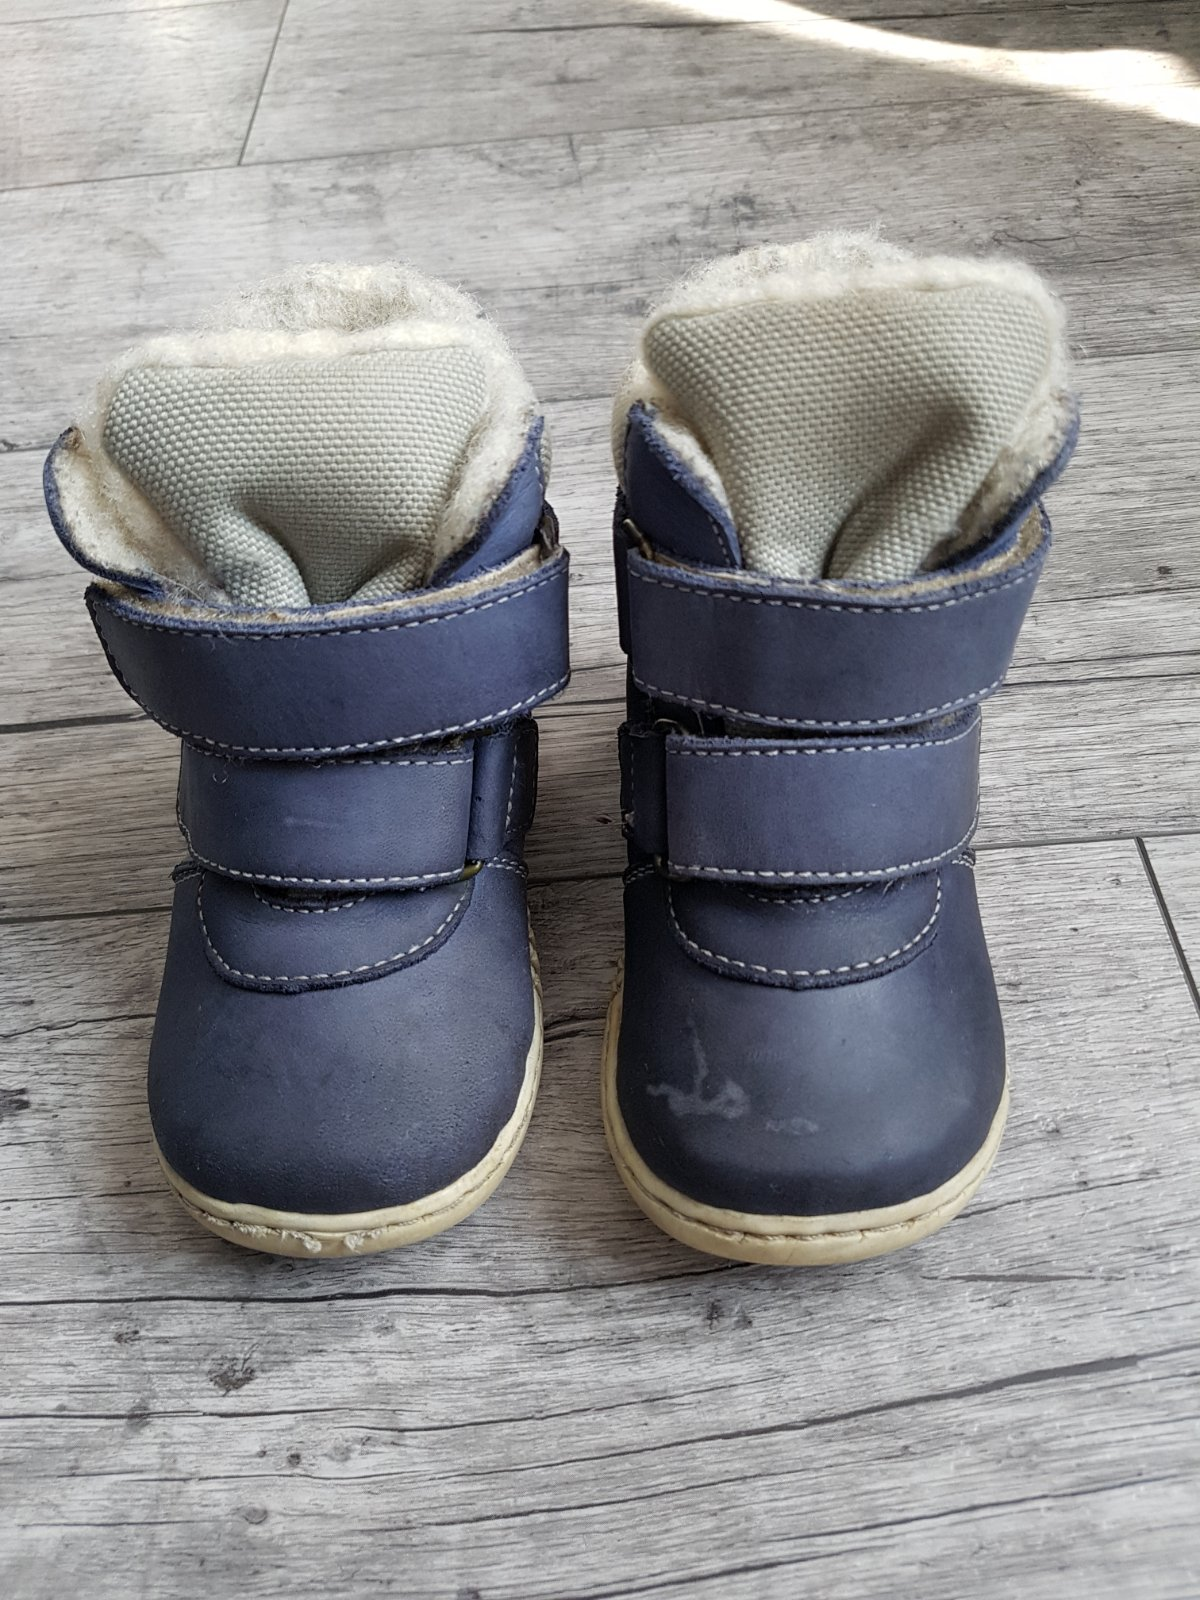 9845cf1e688 Dětské zimní boty pegres kůže